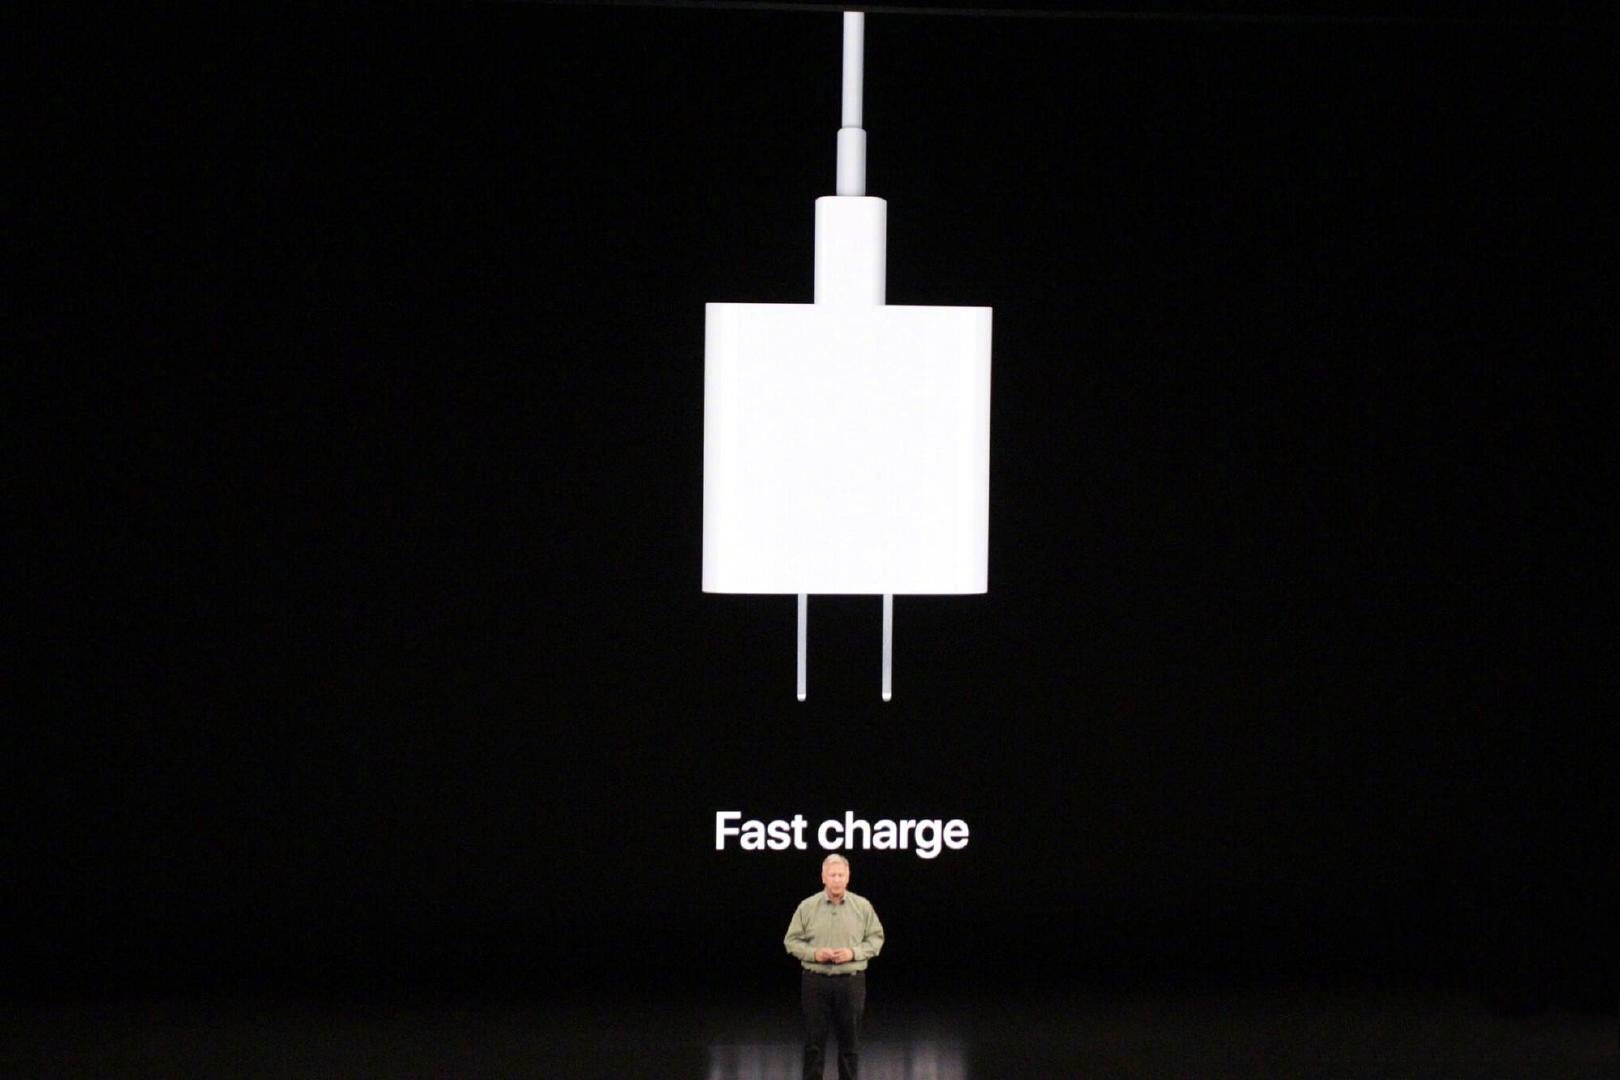 一文看2019苹果秋季新品,iPhone 11起售价5499元的照片 - 6